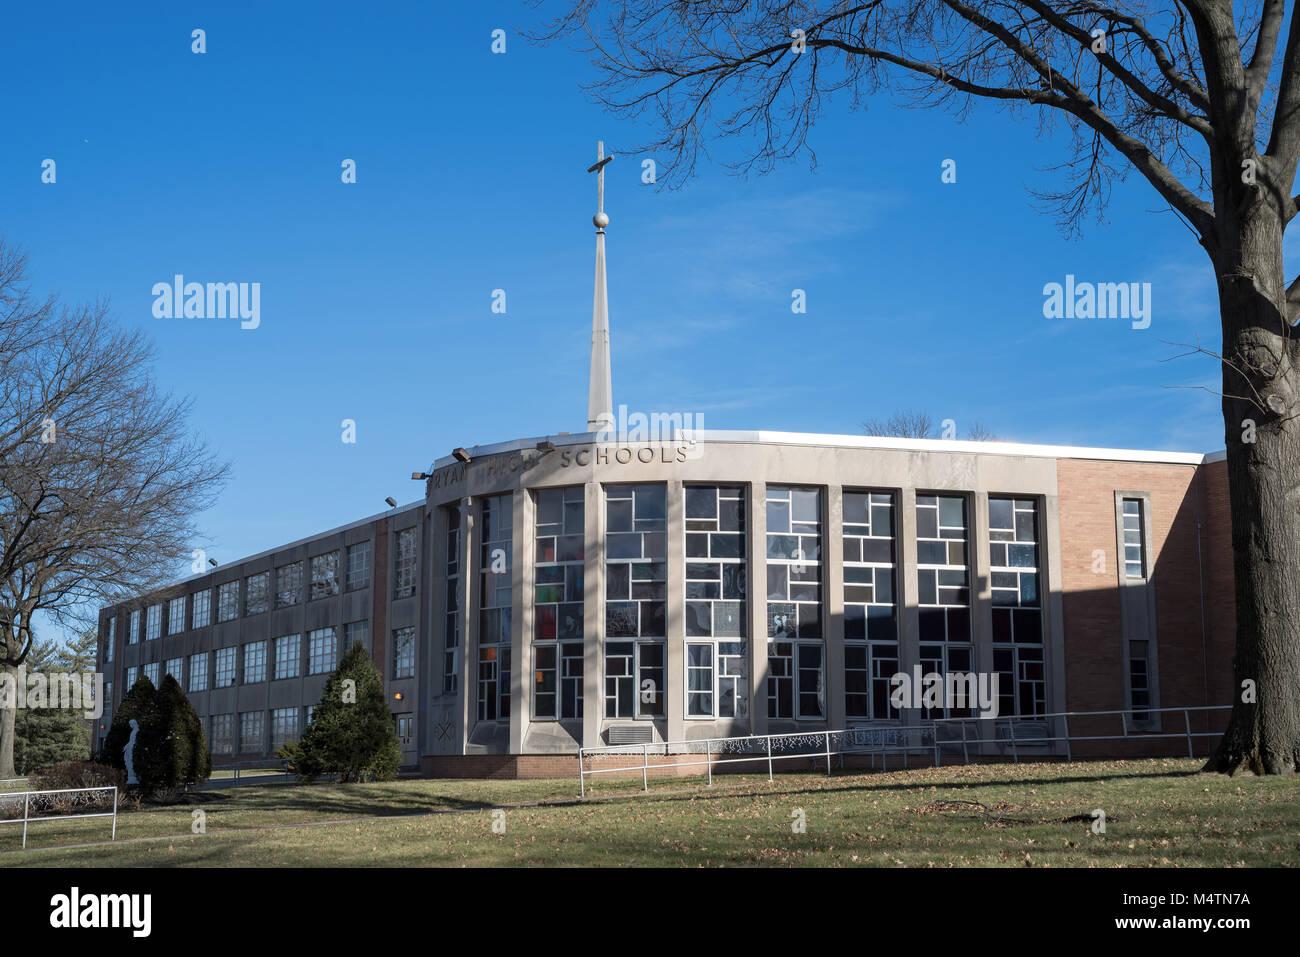 Archbishop Ryan High School, Northeast Philadelphia, USA - Stock Image